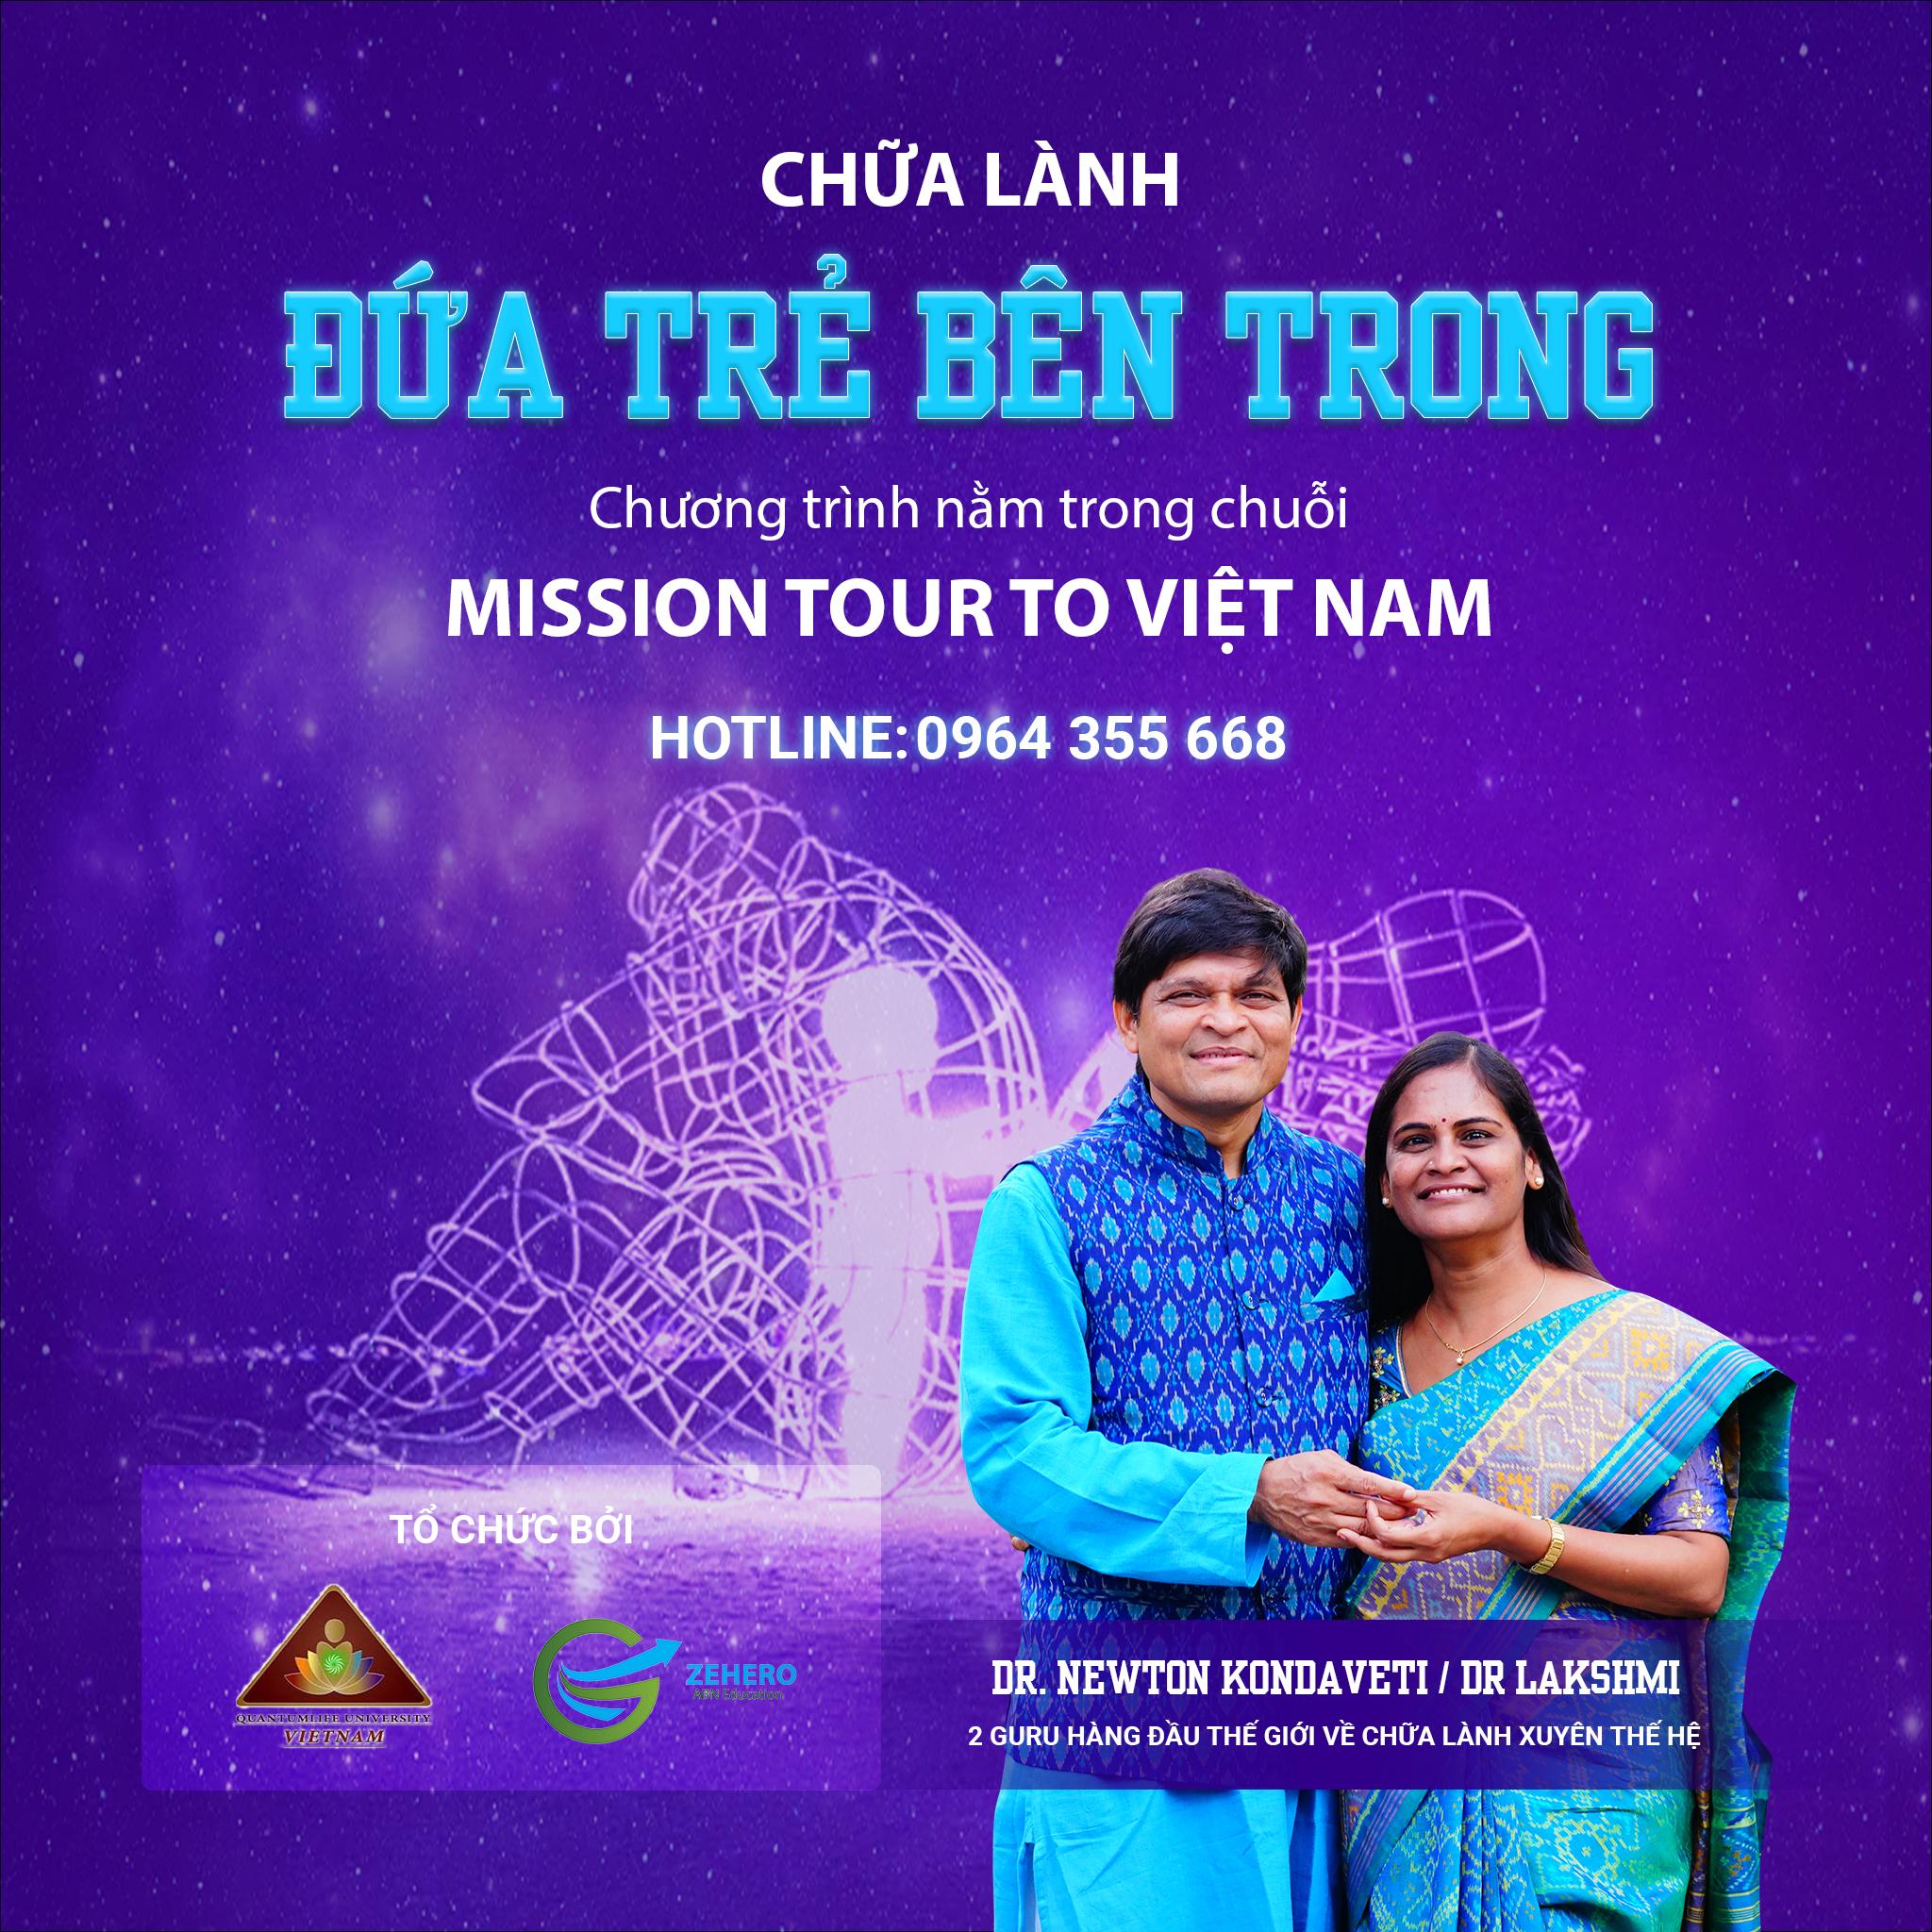 20201104_FbAds_Chua-Lanh-Dua-Tre-Ben-Trong